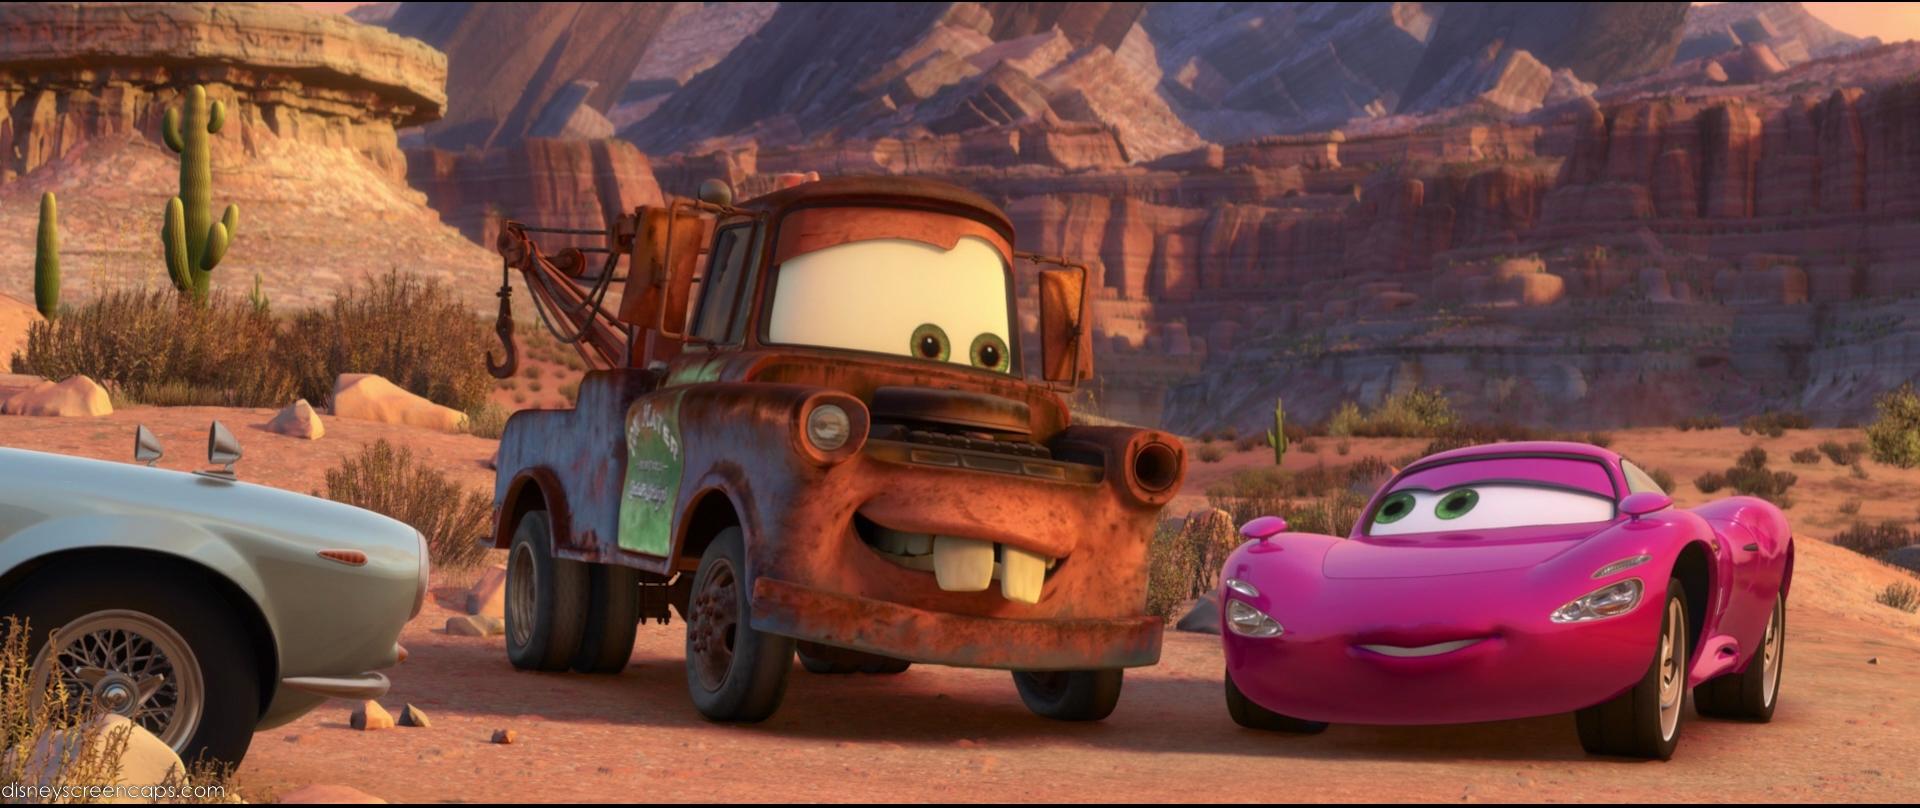 Cars 2 Tow Mater